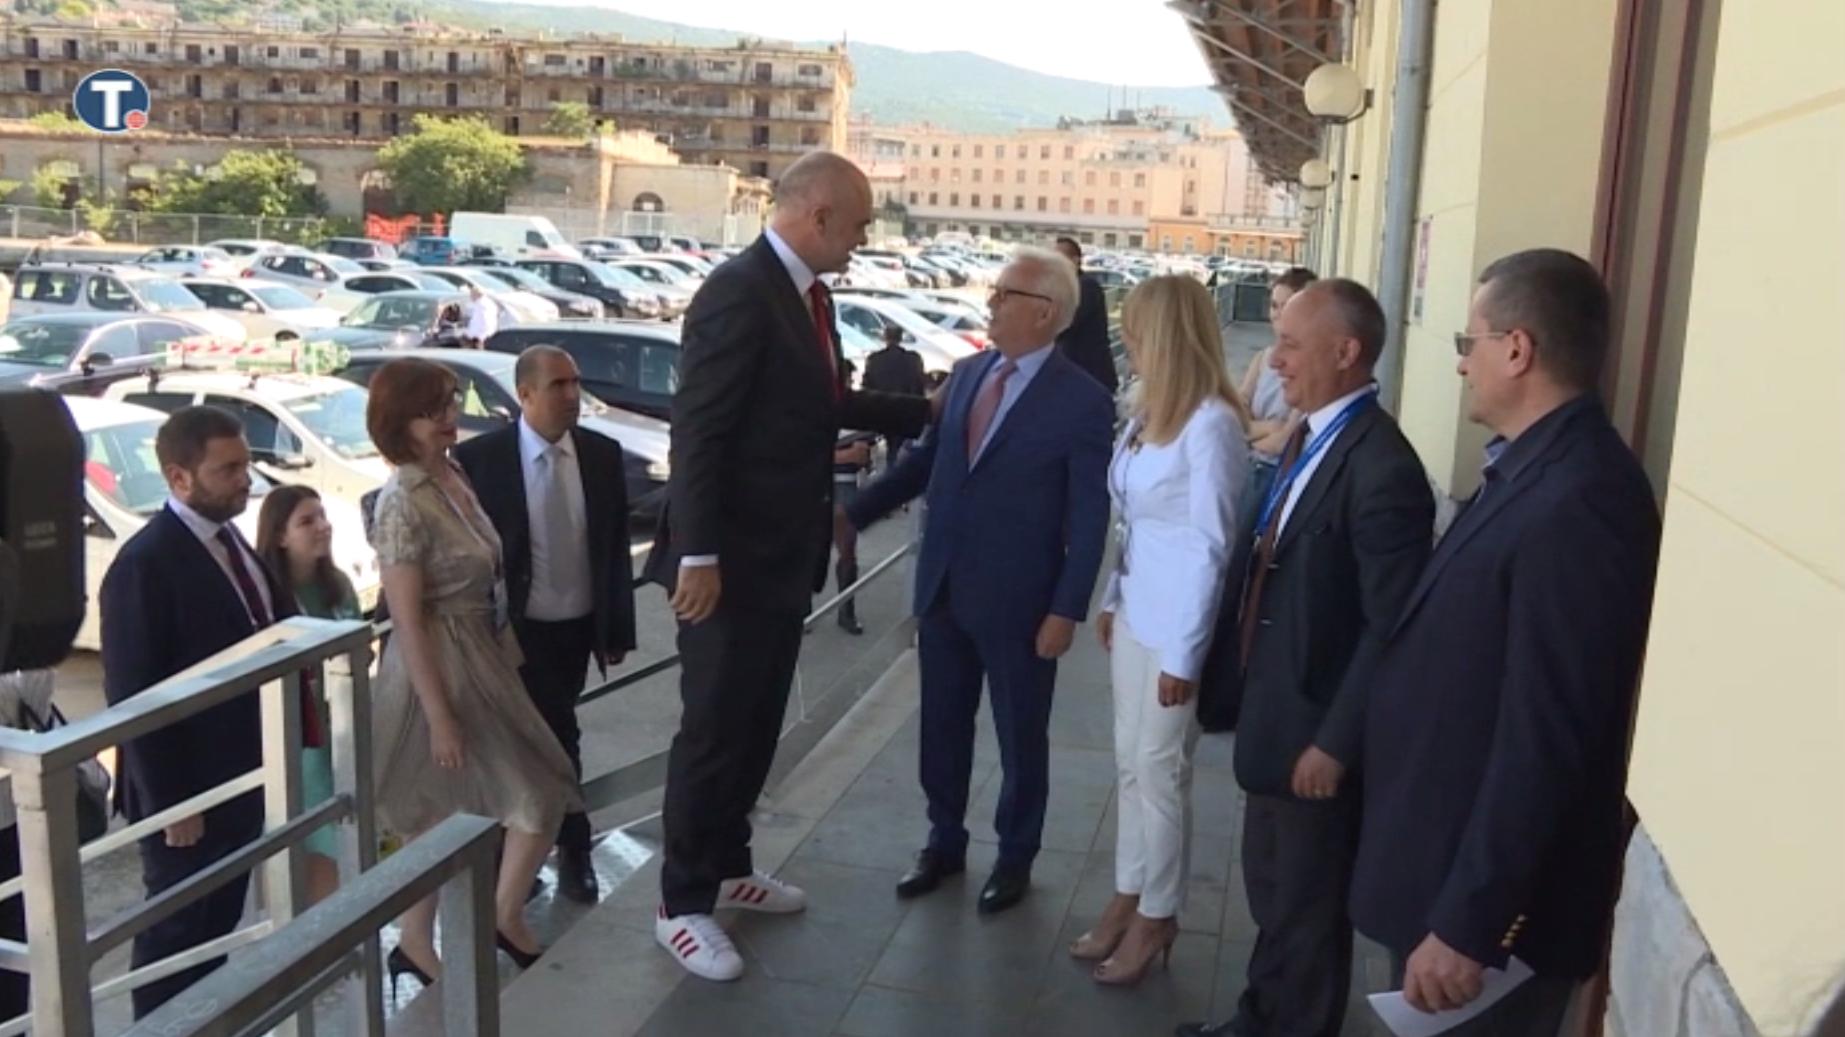 Úristen, mekkora chill arc az albán miniszterelnök